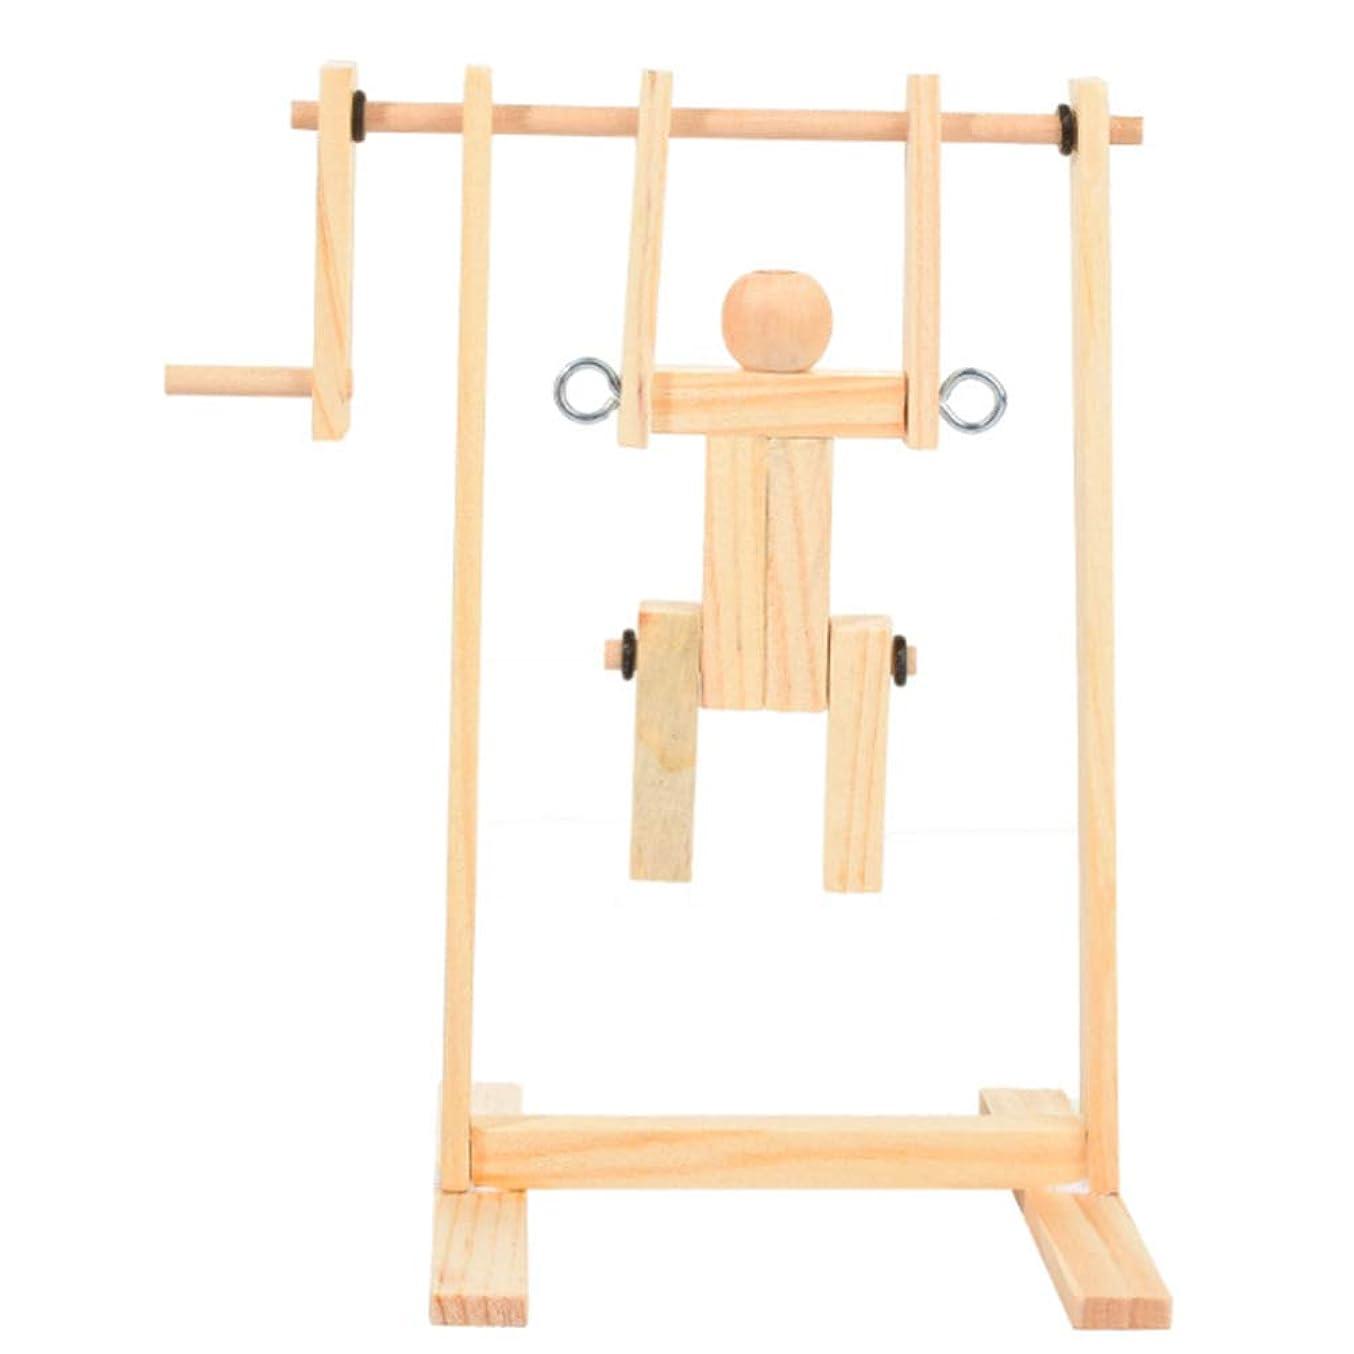 器用エコー受け継ぐTOYANDONA 木製組立おもちゃdiy木材体操人形フィギュアクラフト科学教育玩具